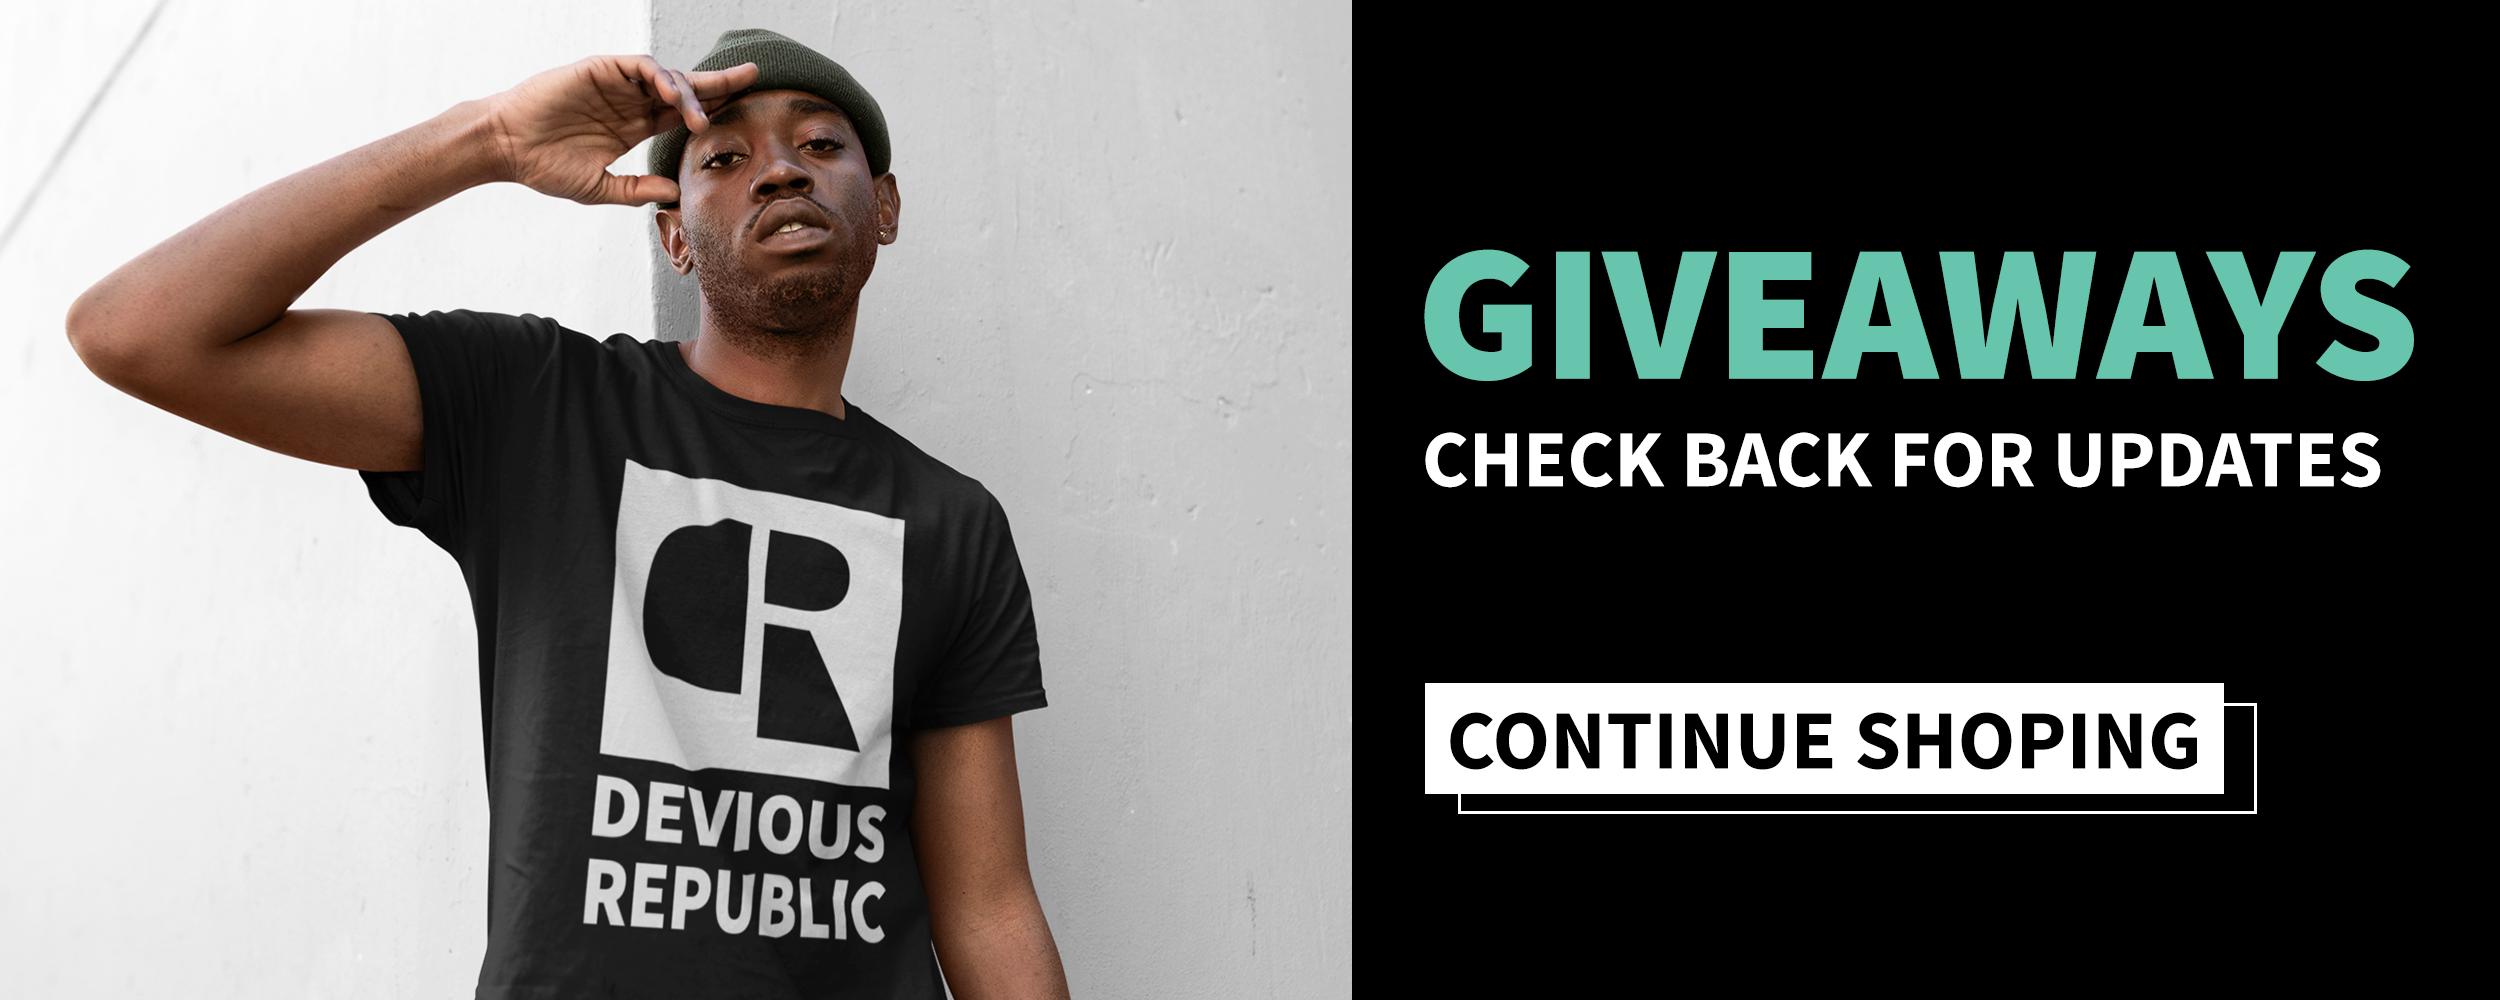 Devious Republic — Giveaways